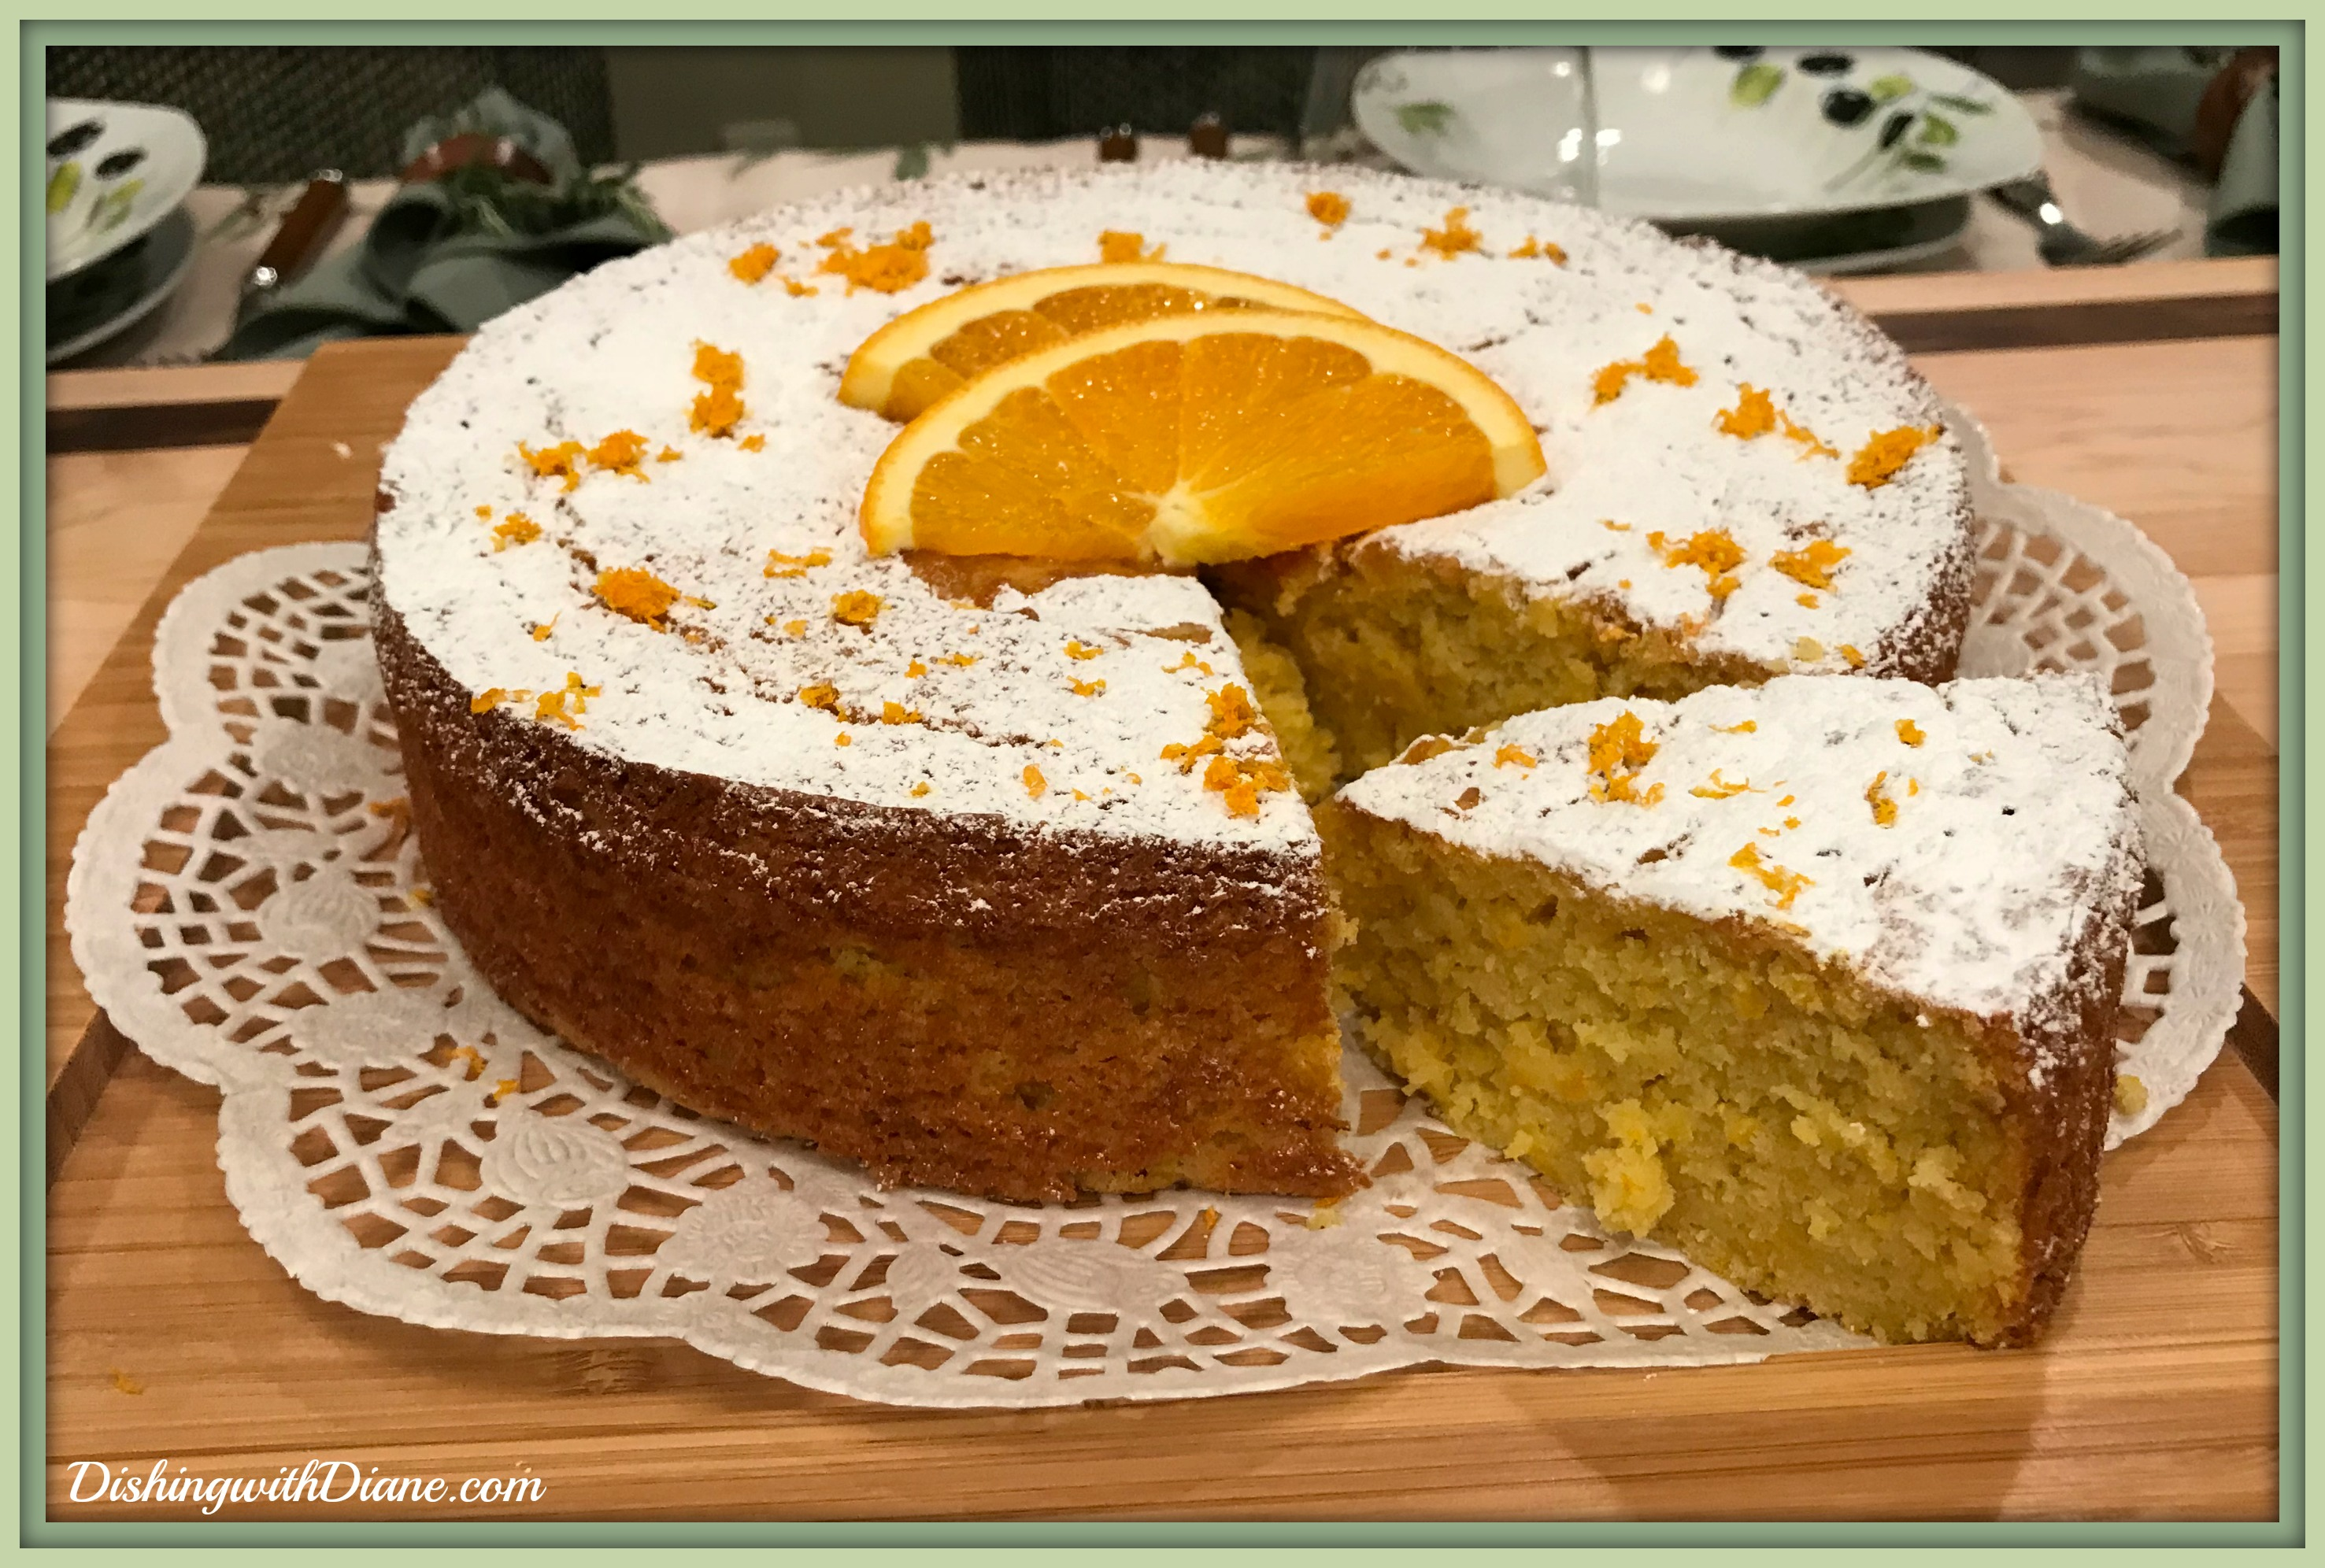 Photo Apr 21, 8 07 03 PM CAKE SLICE